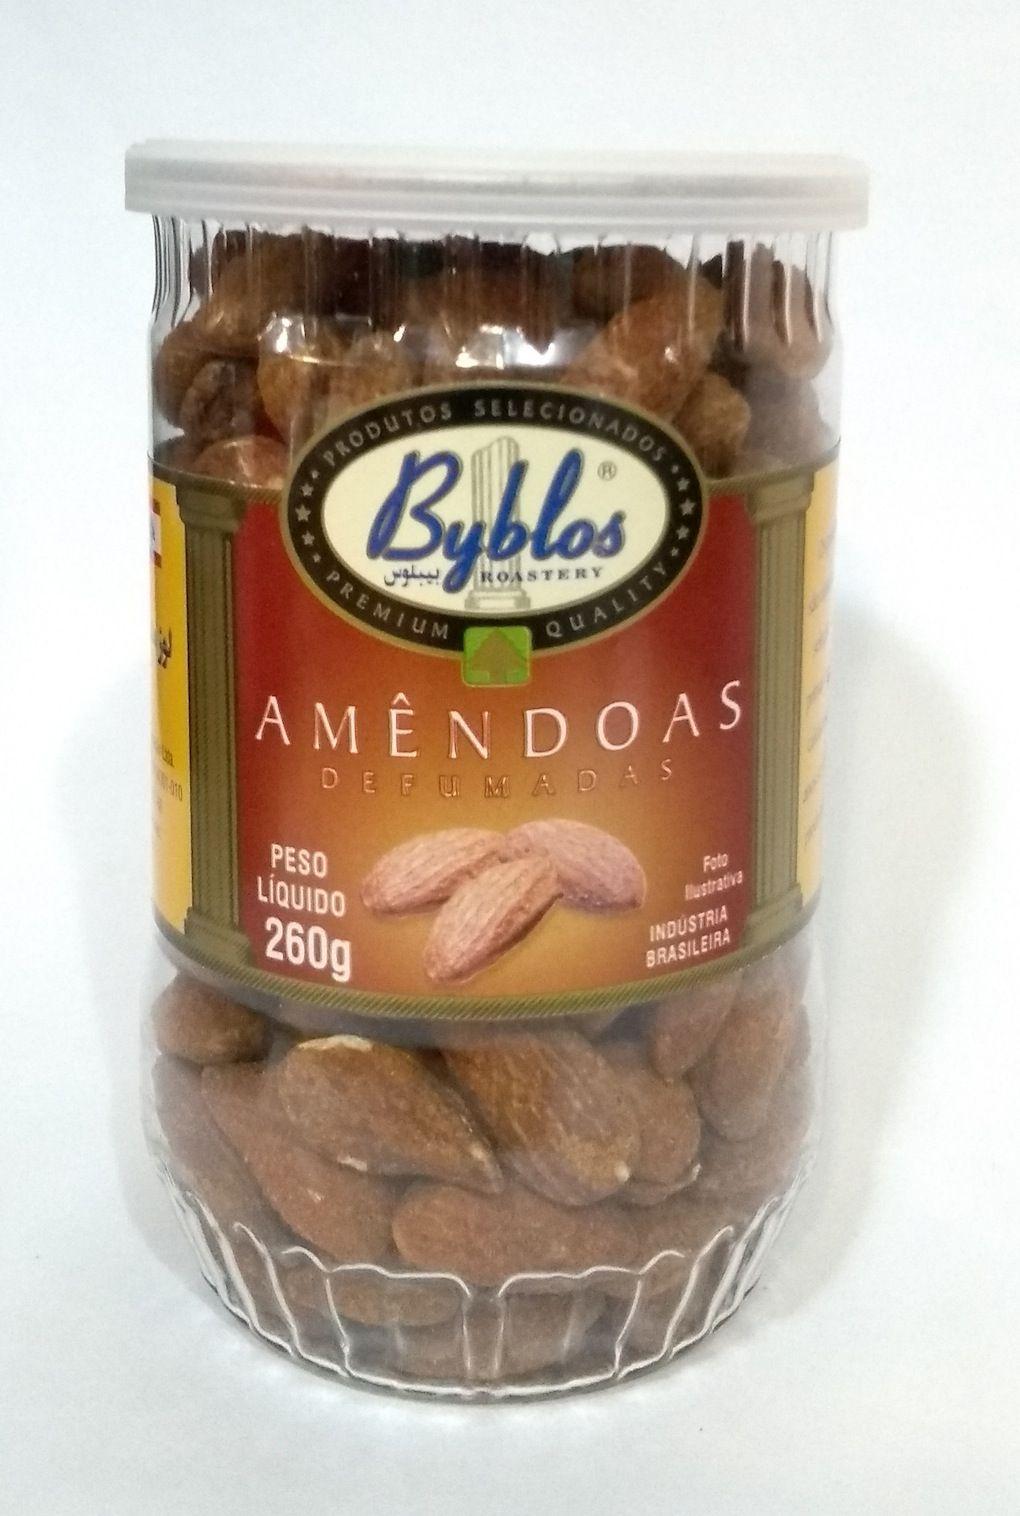 Amêndoas defumadas, 260g - Byblos